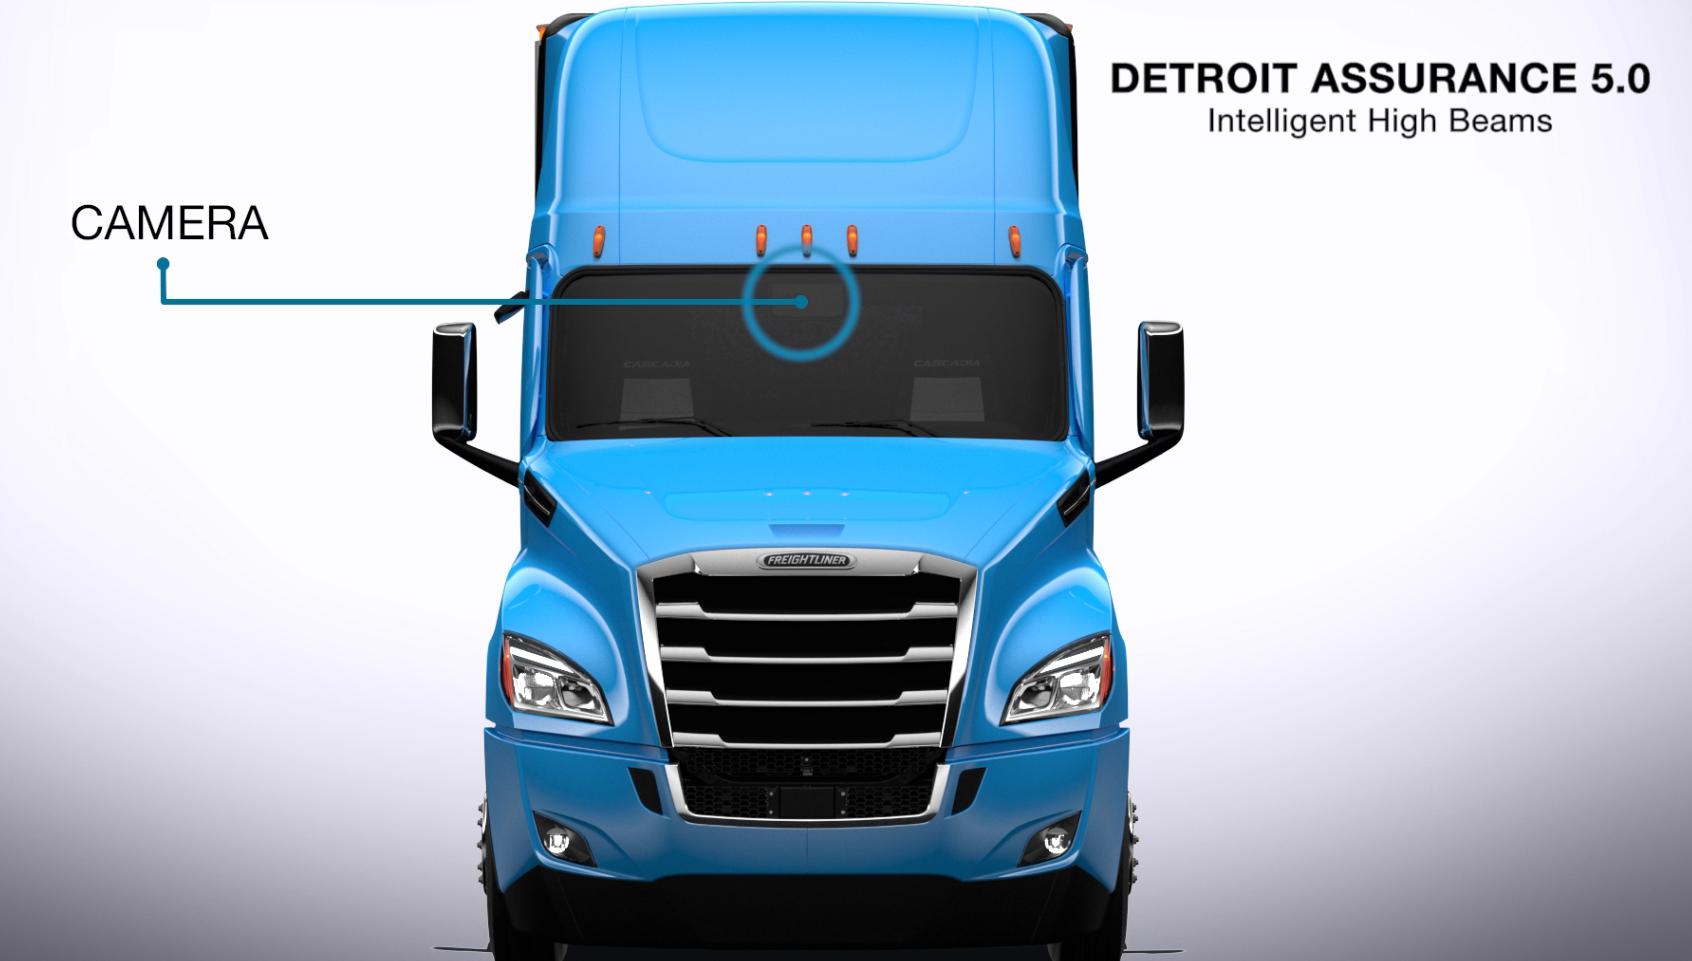 Detroit Assurance 5.0 Intelligent High Beams